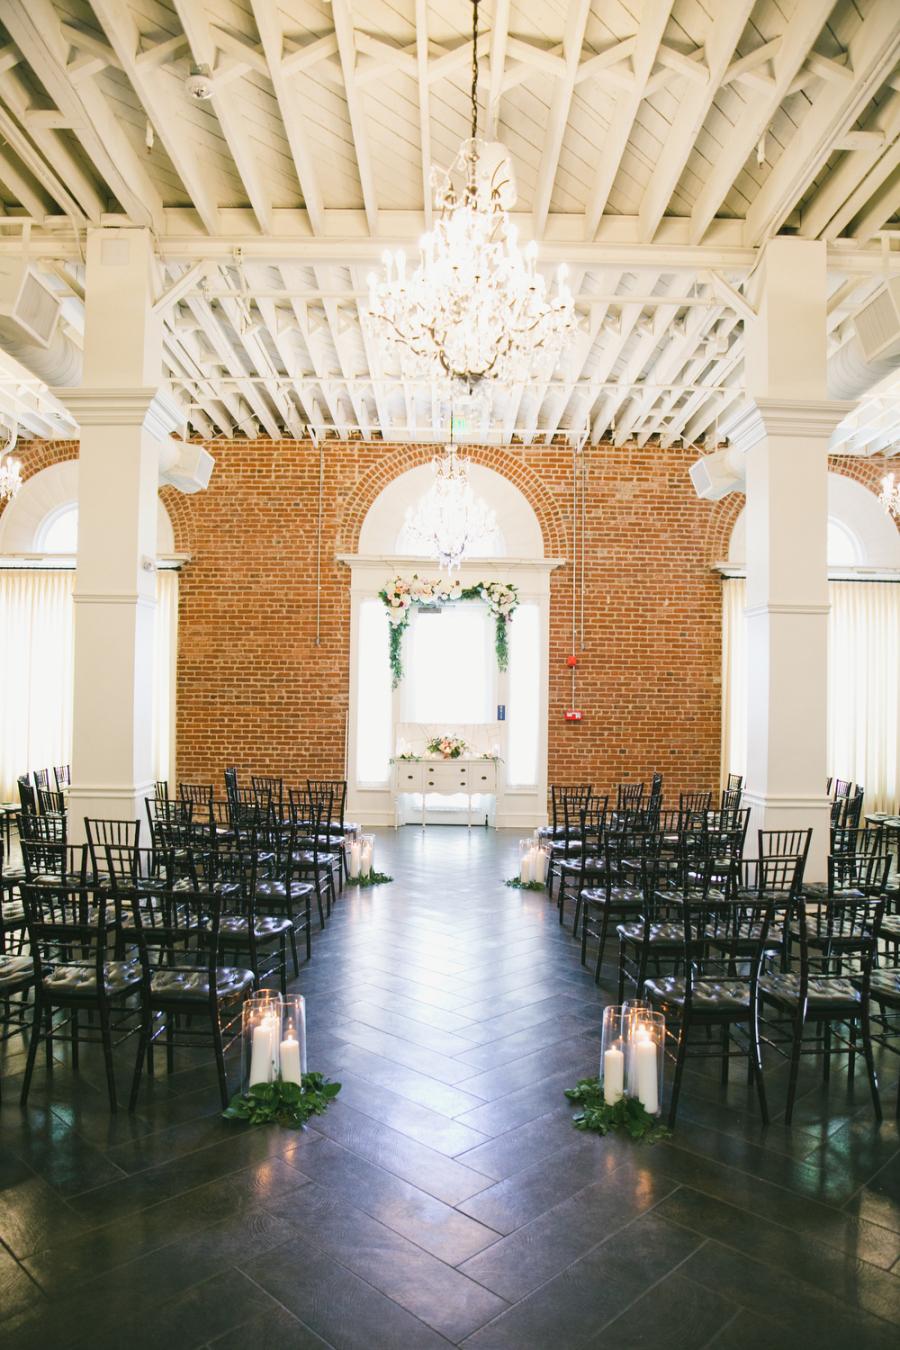 свадьба-в-стиле-лофт(3)